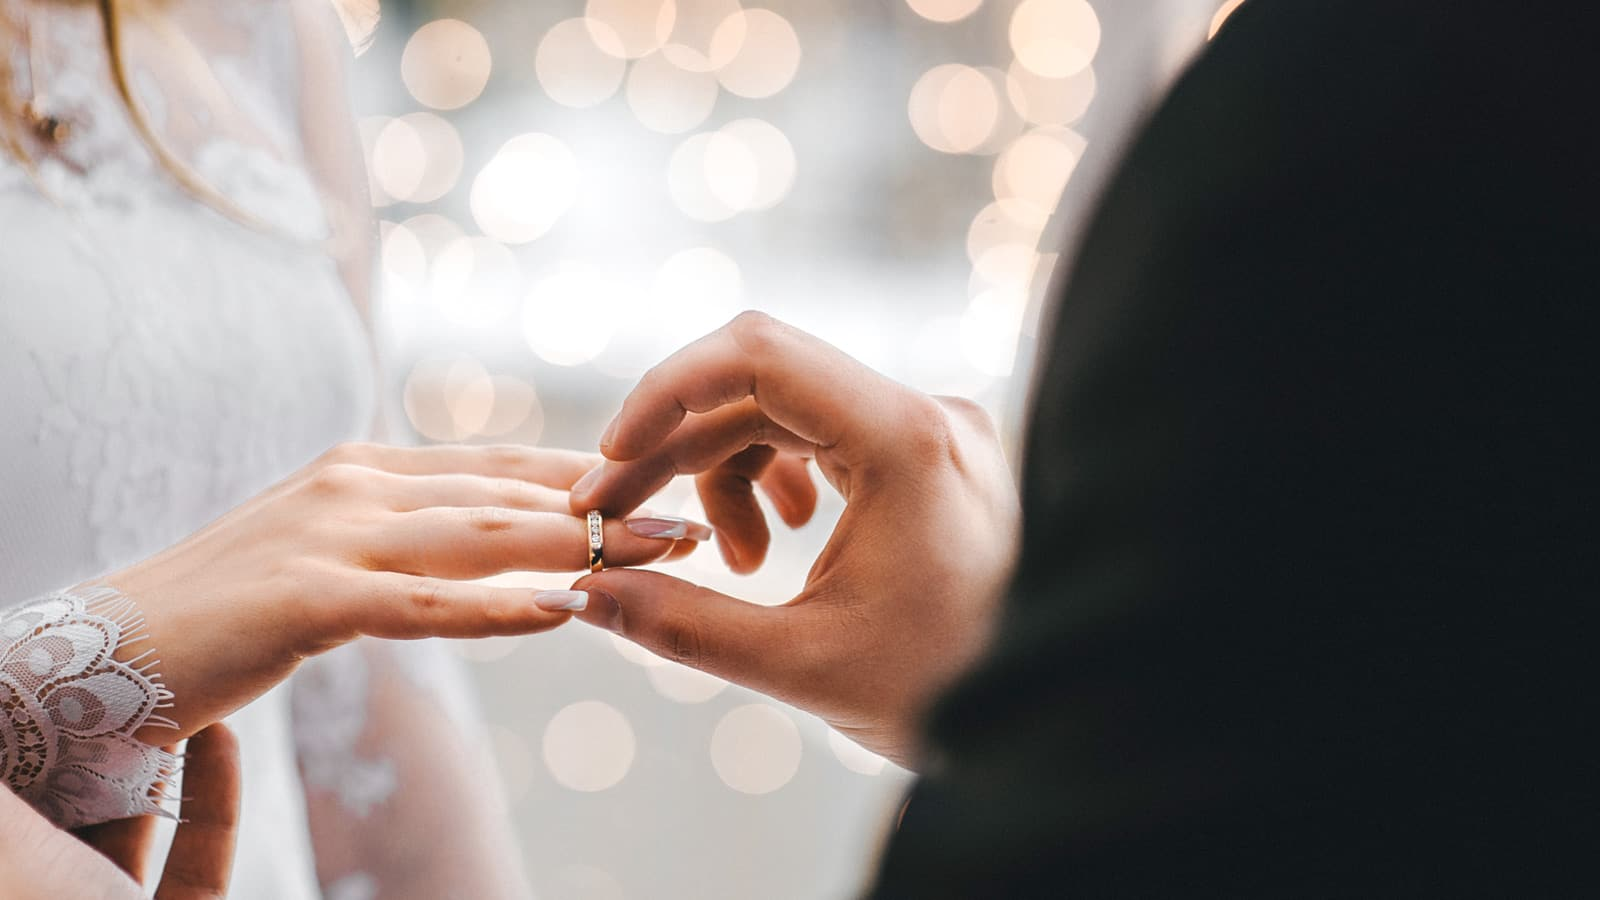 Yargıtay'dan evlilik sebebiyle istifa eden işçiye tazminat kararı